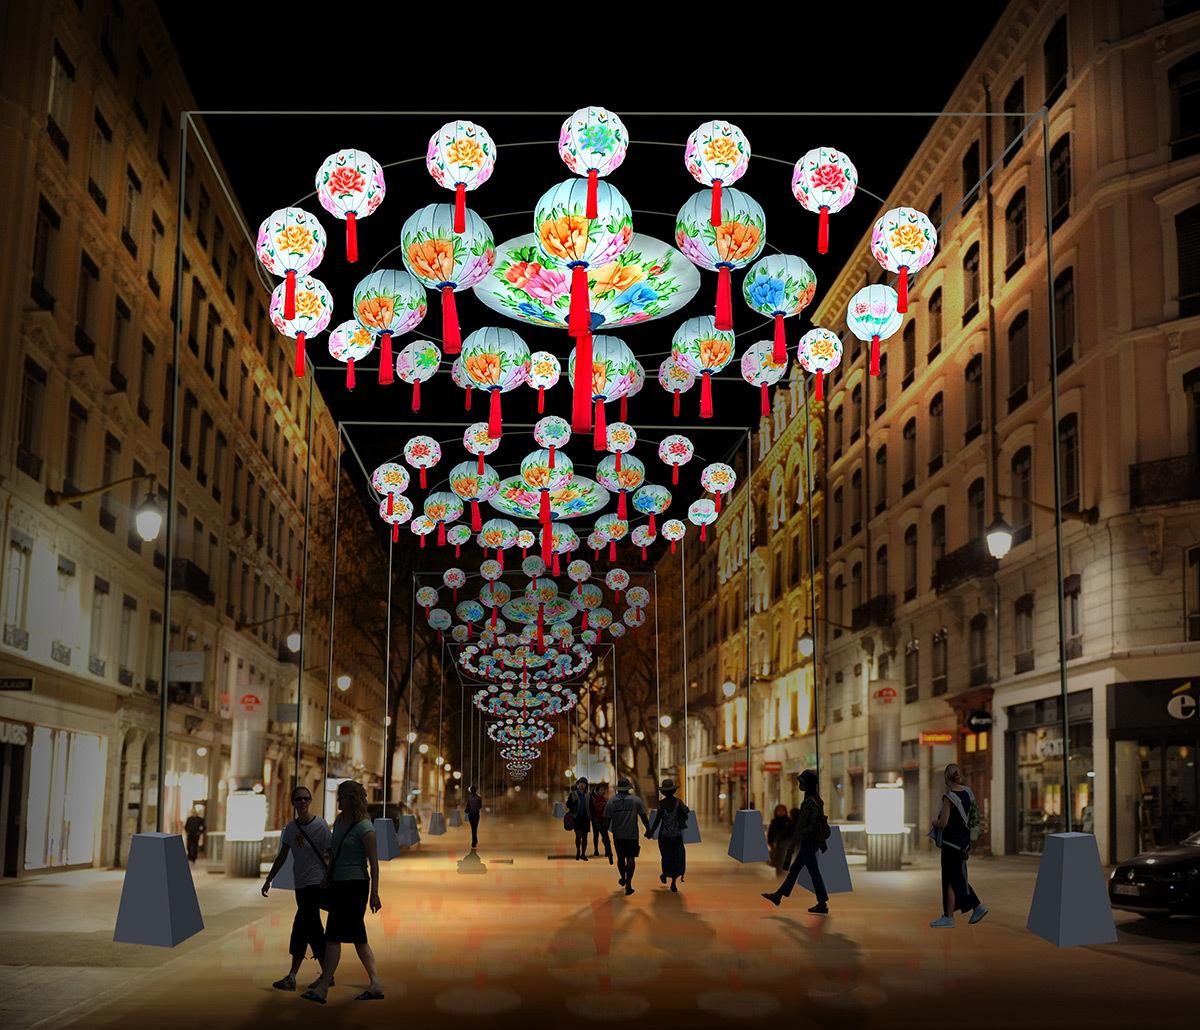 Les lanternes de Zigong - Rue de la République © Société Haitian Lantern - Simulation Fête des lumières 2015, Lyon - Simulation Fête des lumières 2015, Lyon